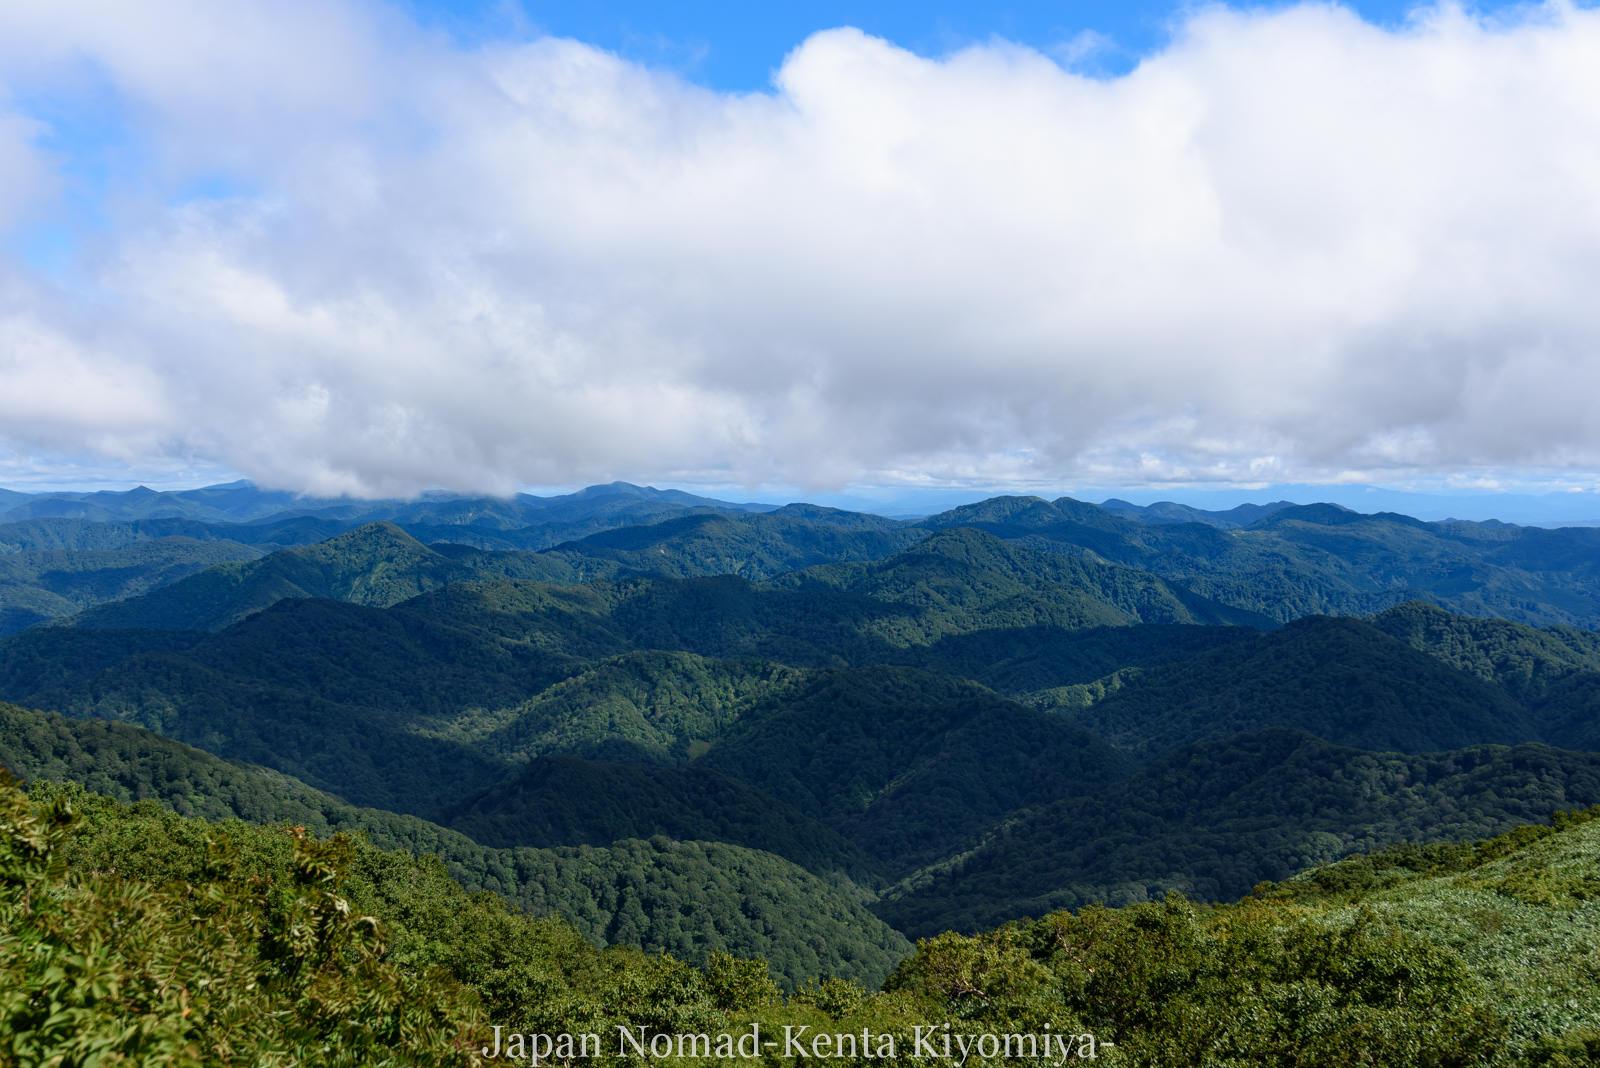 【青森県・白神岳】世界遺産「白神山地」の美しいブナ林を一望する登山